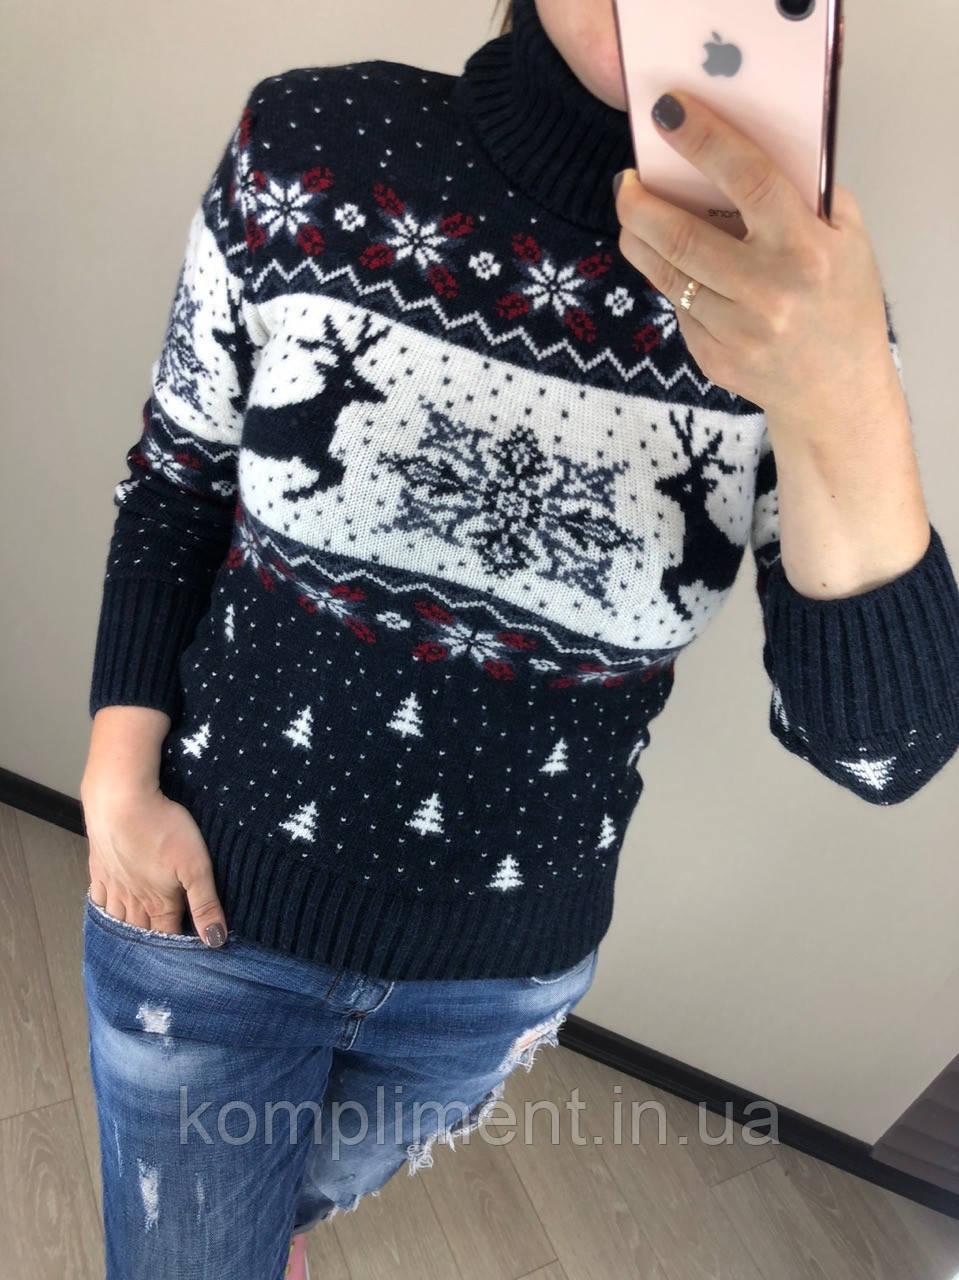 Шерстяной турецкий вязаный свитер под горло с рисунком елочки, синий